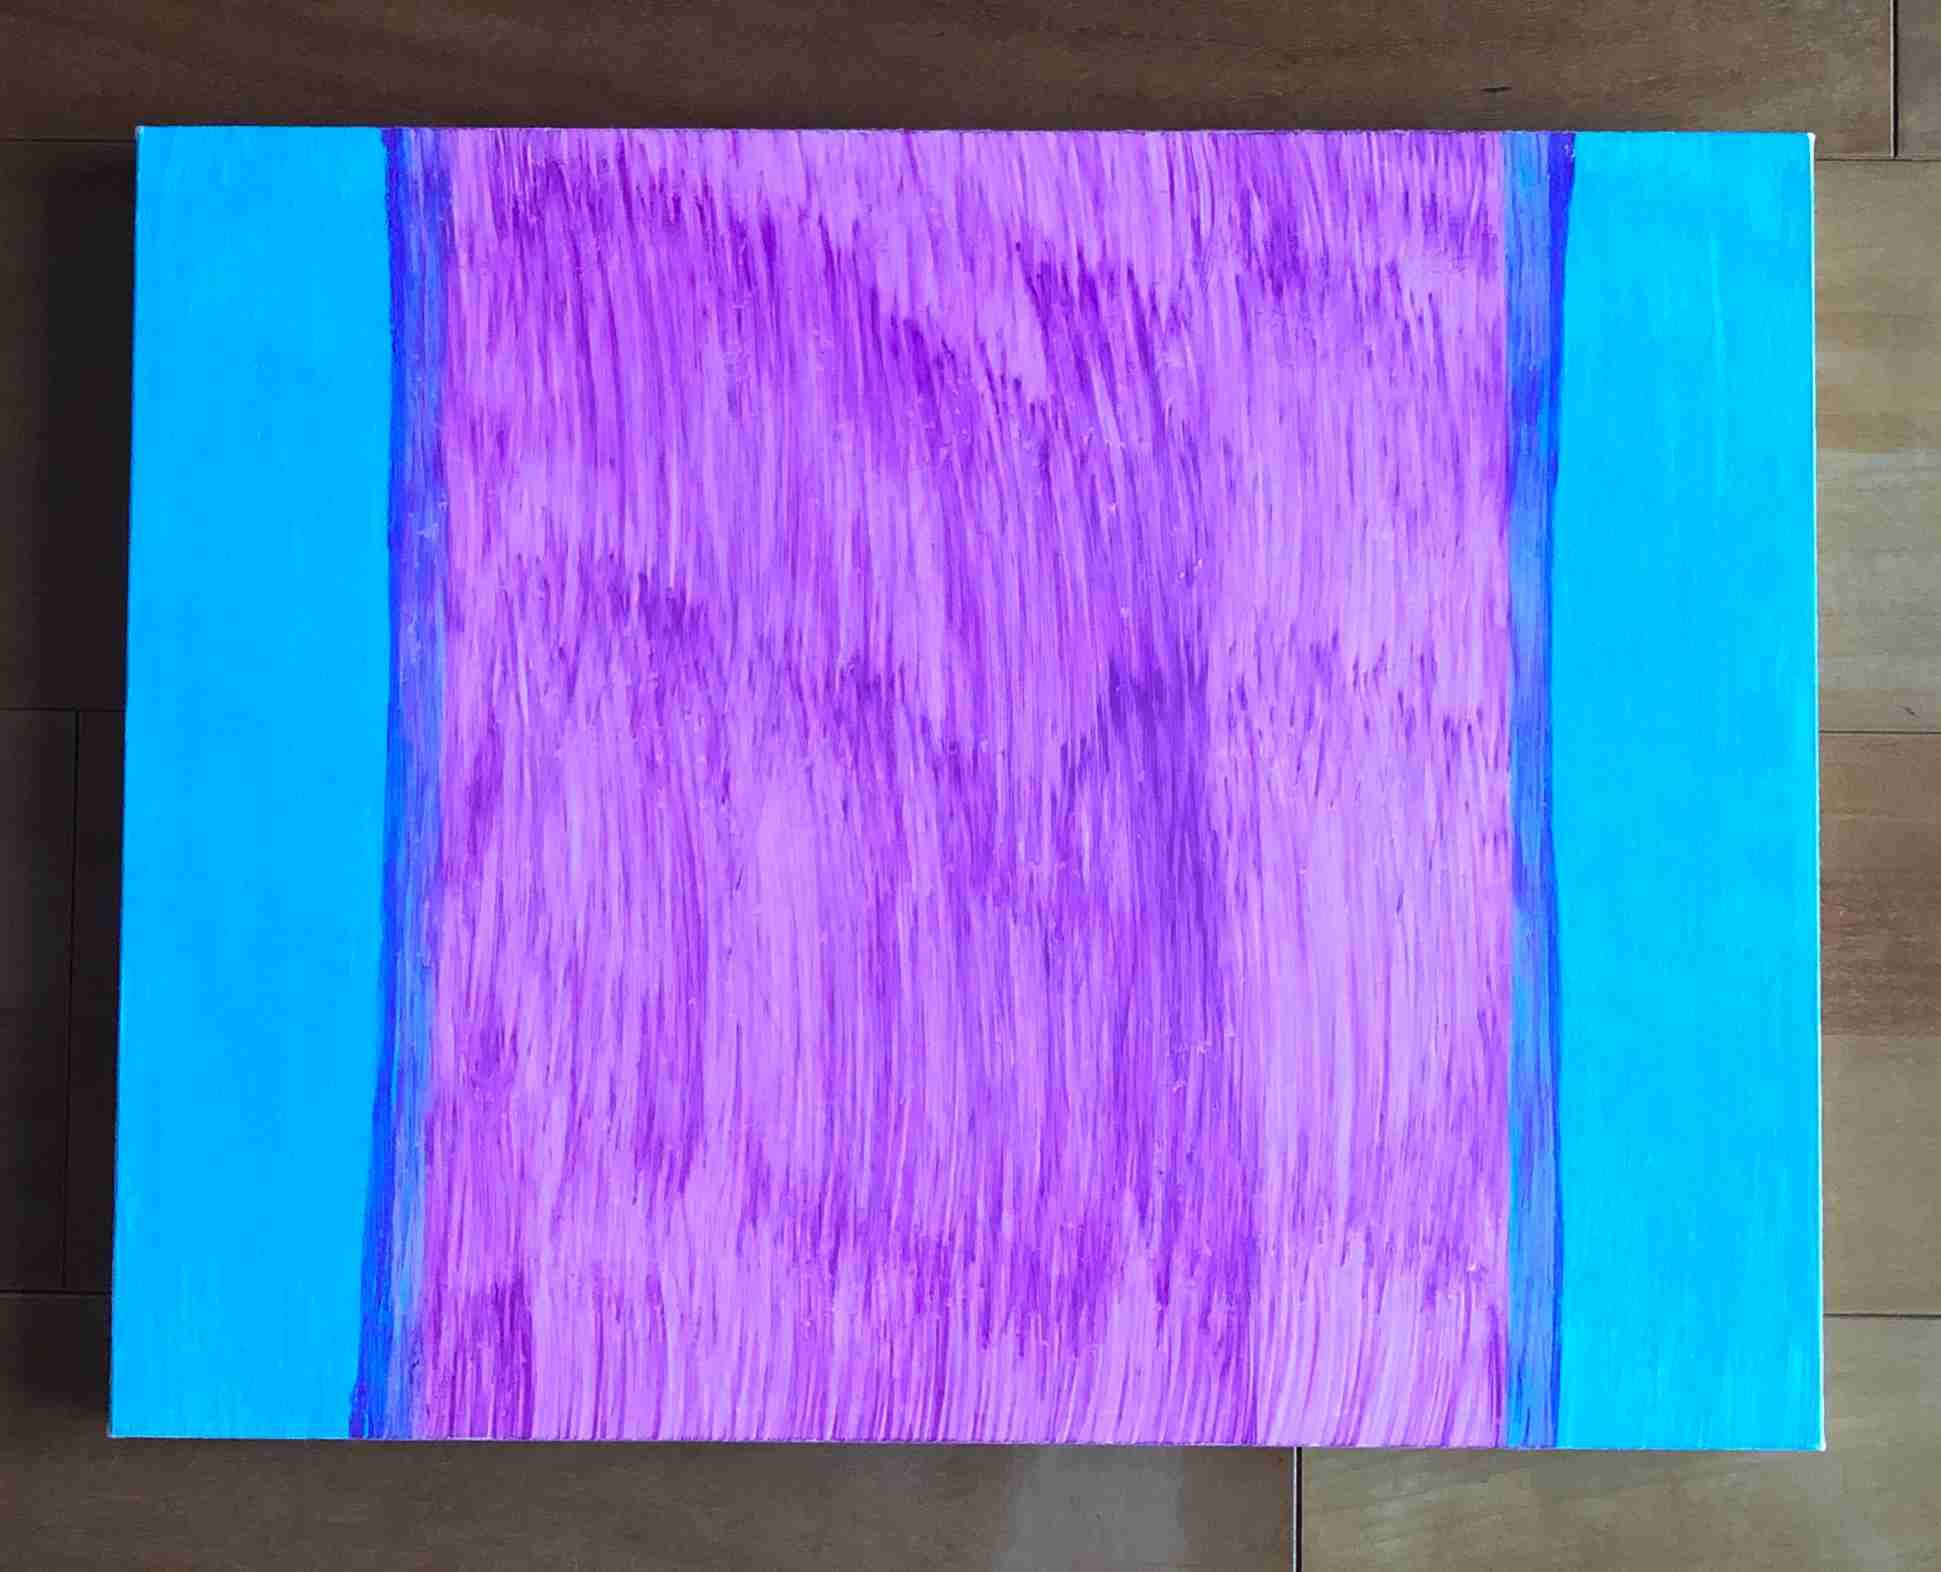 Light Blue/Joan Brian/Violet